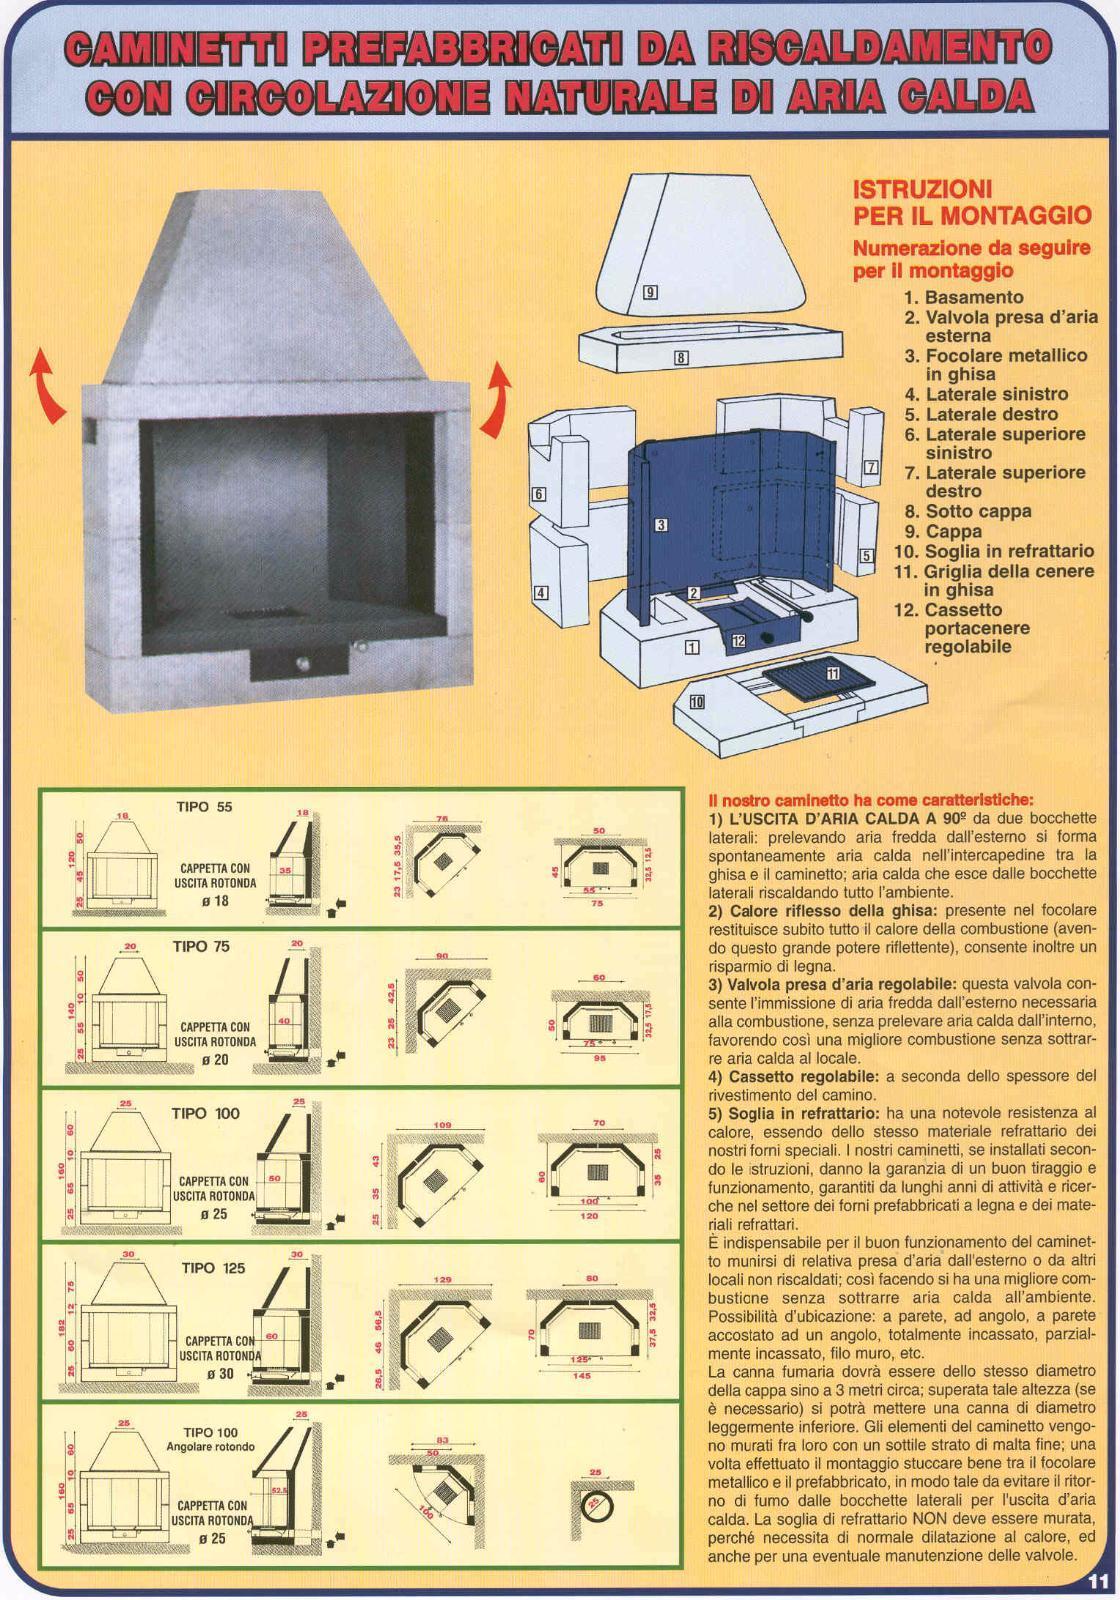 Riscaldamento Con Aria Calda.Caminetto Prefabbricato Da Riscaldamento Con Circolazione Naturale